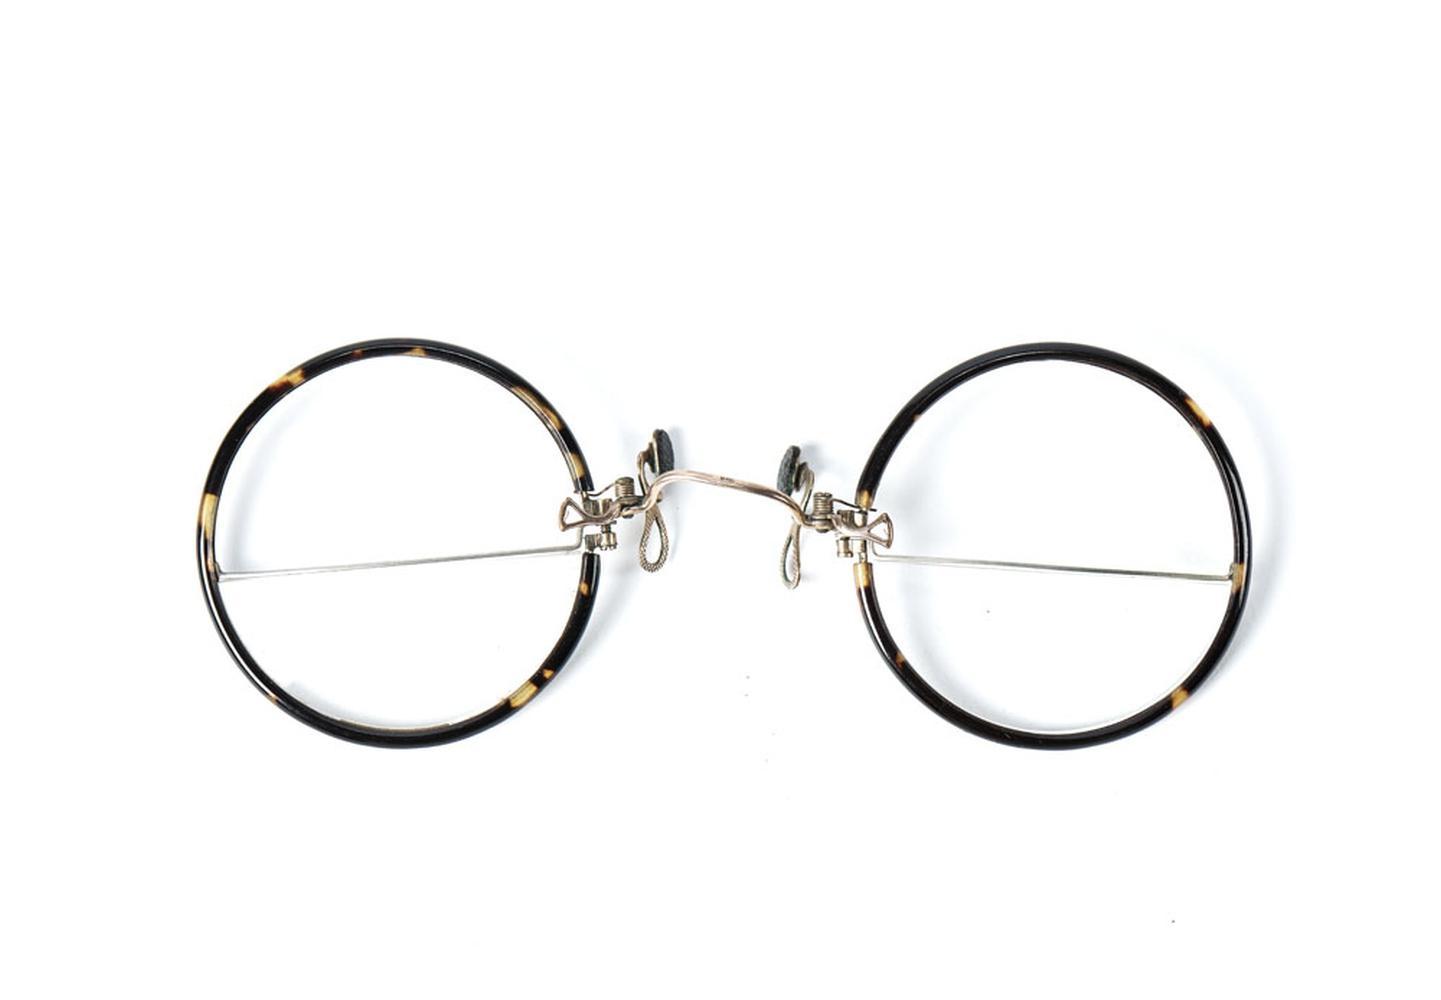 Óculos sem hastes, objecto uso pessoal do poeta